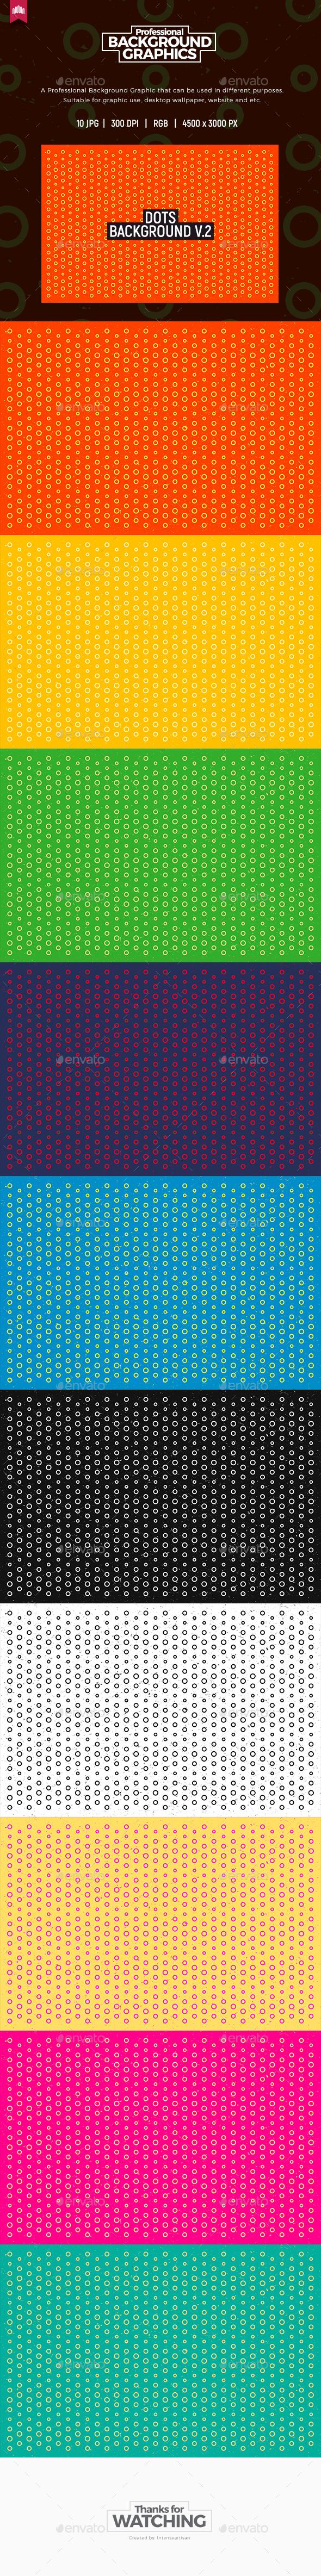 Dots Background V.2 - Patterns Backgrounds